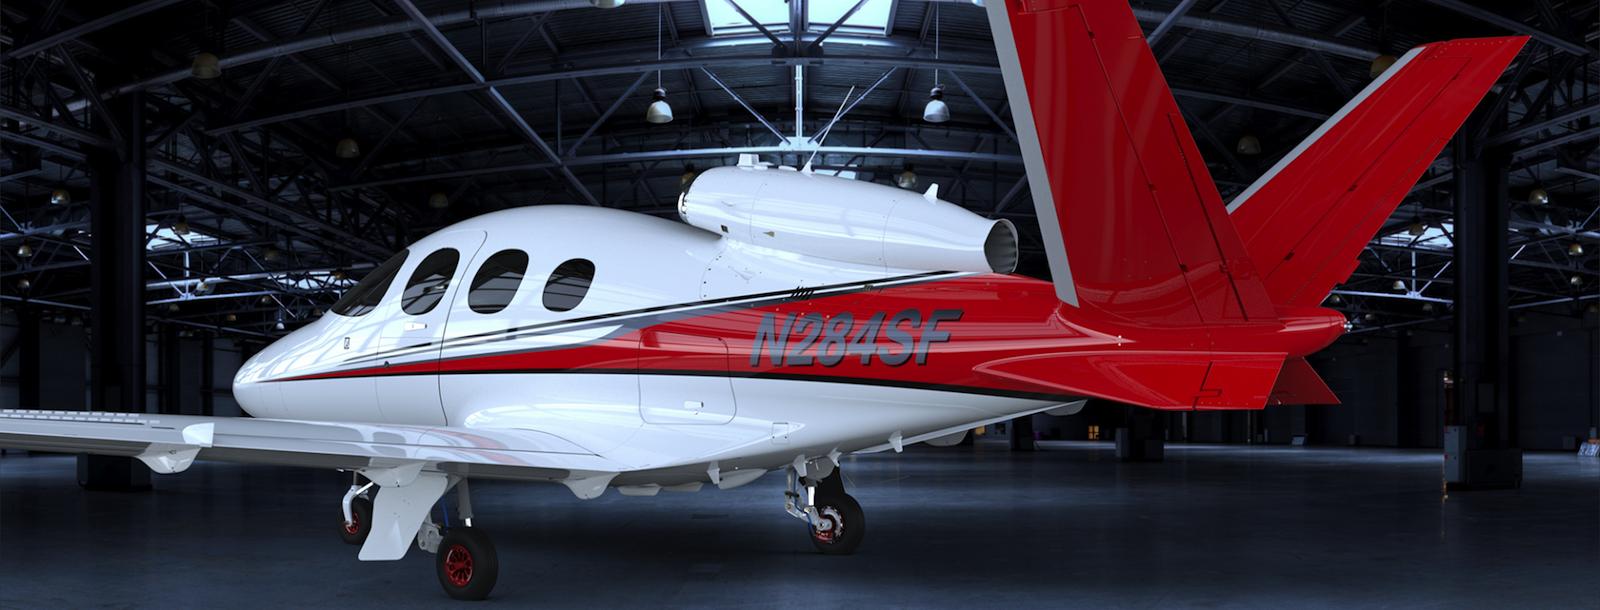 Der Vision Jet wiegt leer nur 1.620 kg – er besteht überwiegend aus Karbon.